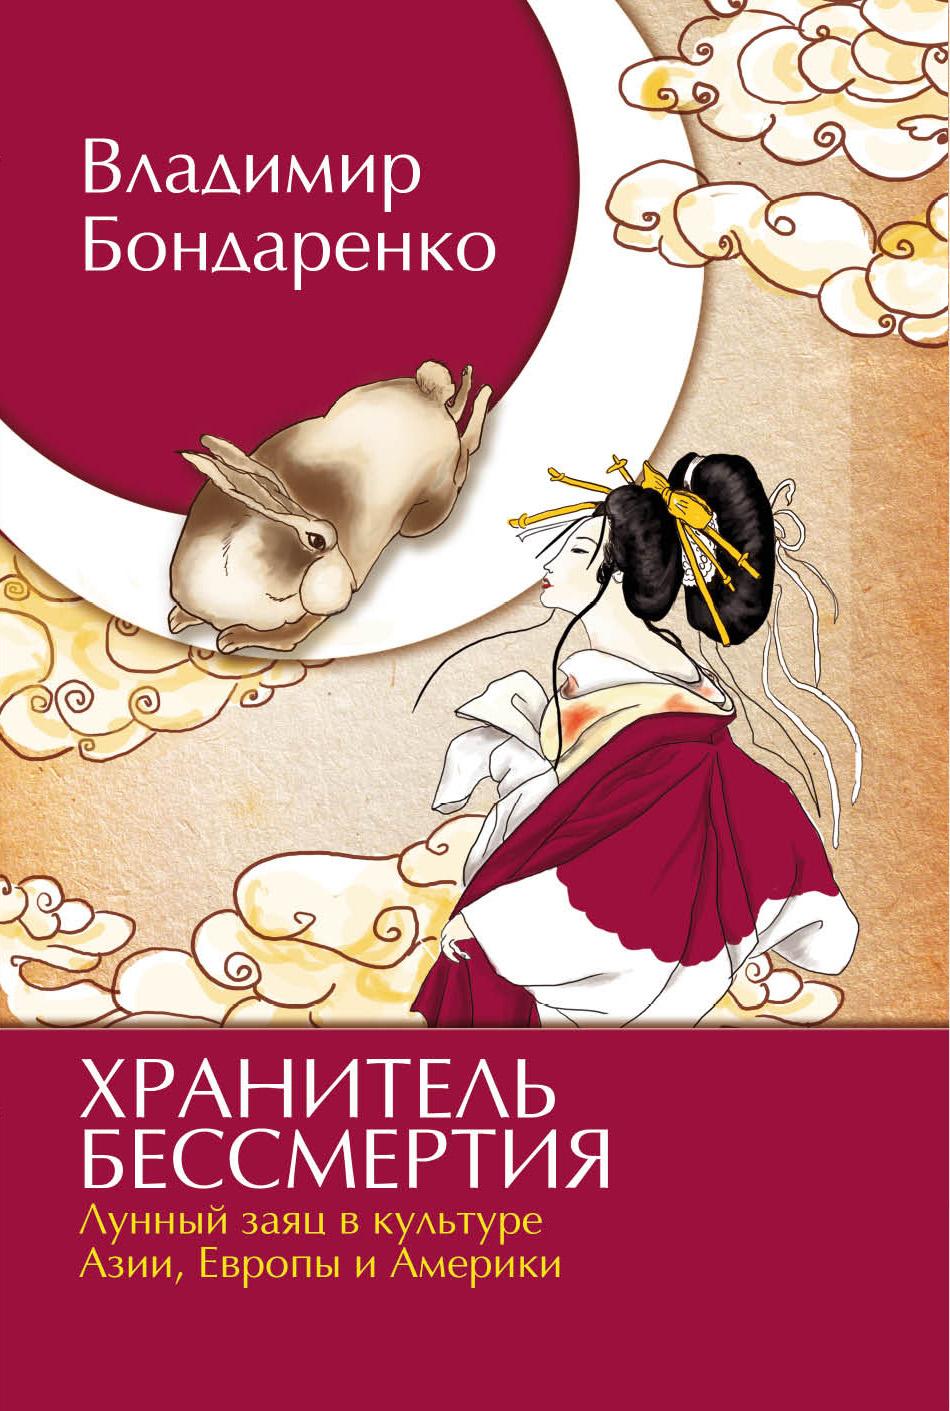 Хранитель бессмертия. Лунный заяц в культуре Азии, Европы и Америки